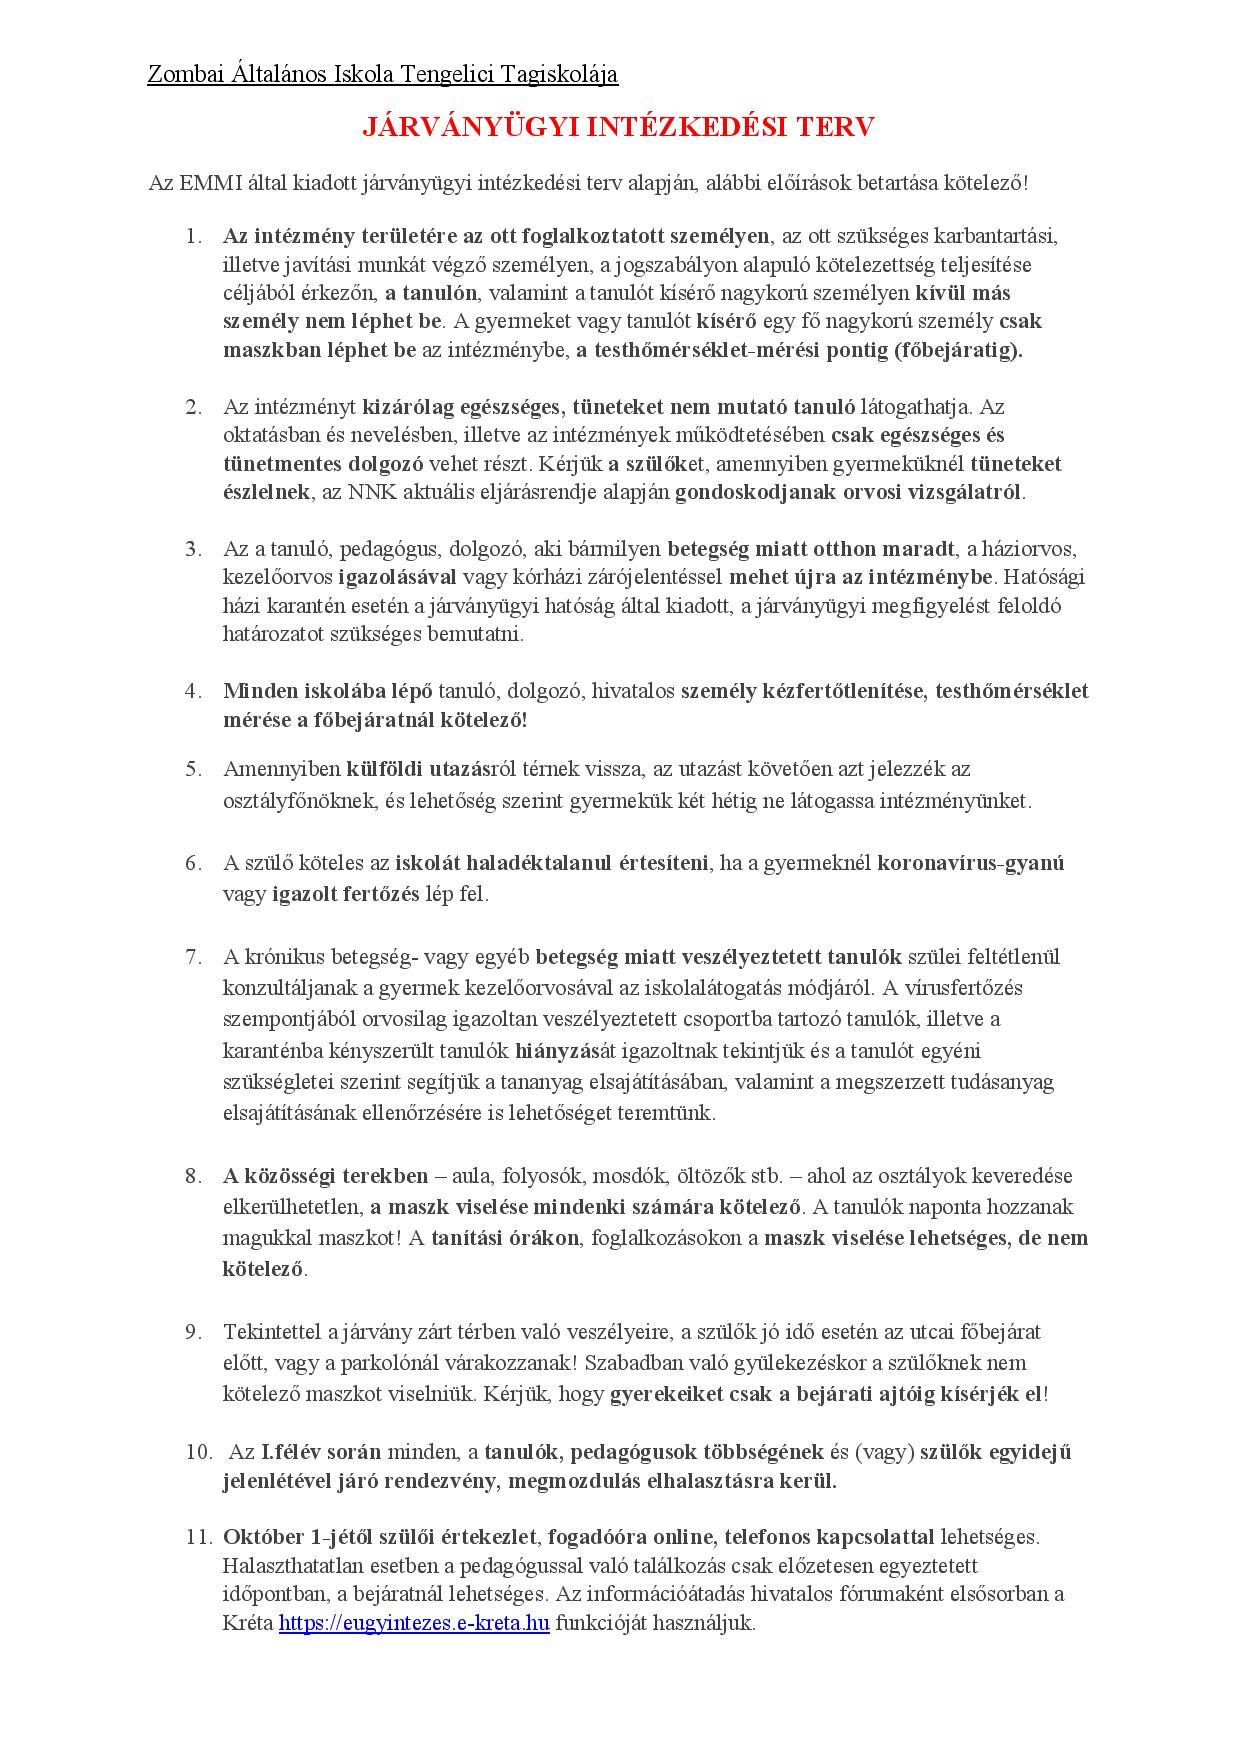 ISKOLAI JÁRVÁNYÜGYI PROTOKOLL-page-001